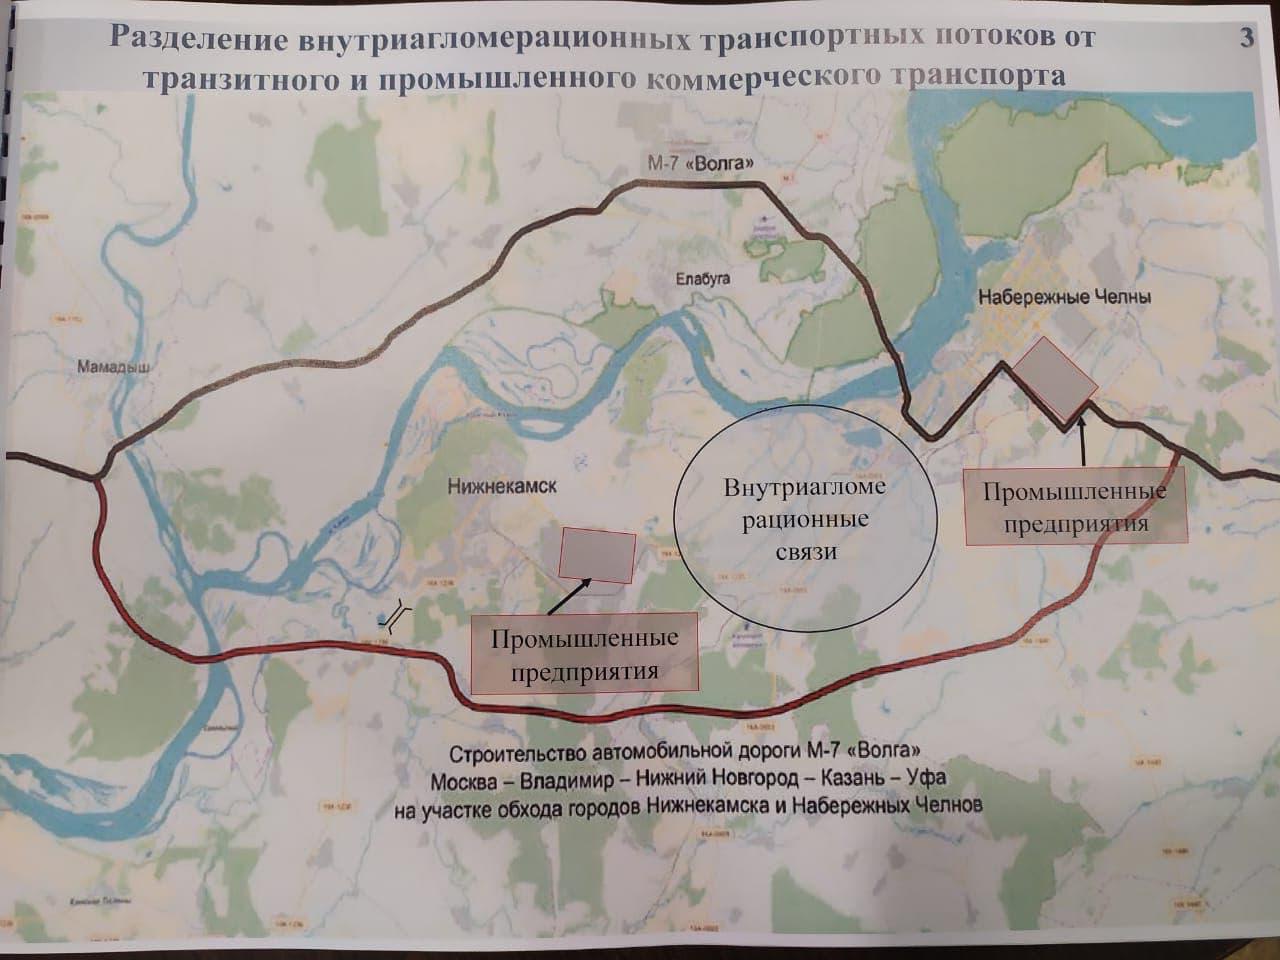 Обход Нижнекамска и Набережных Челнов